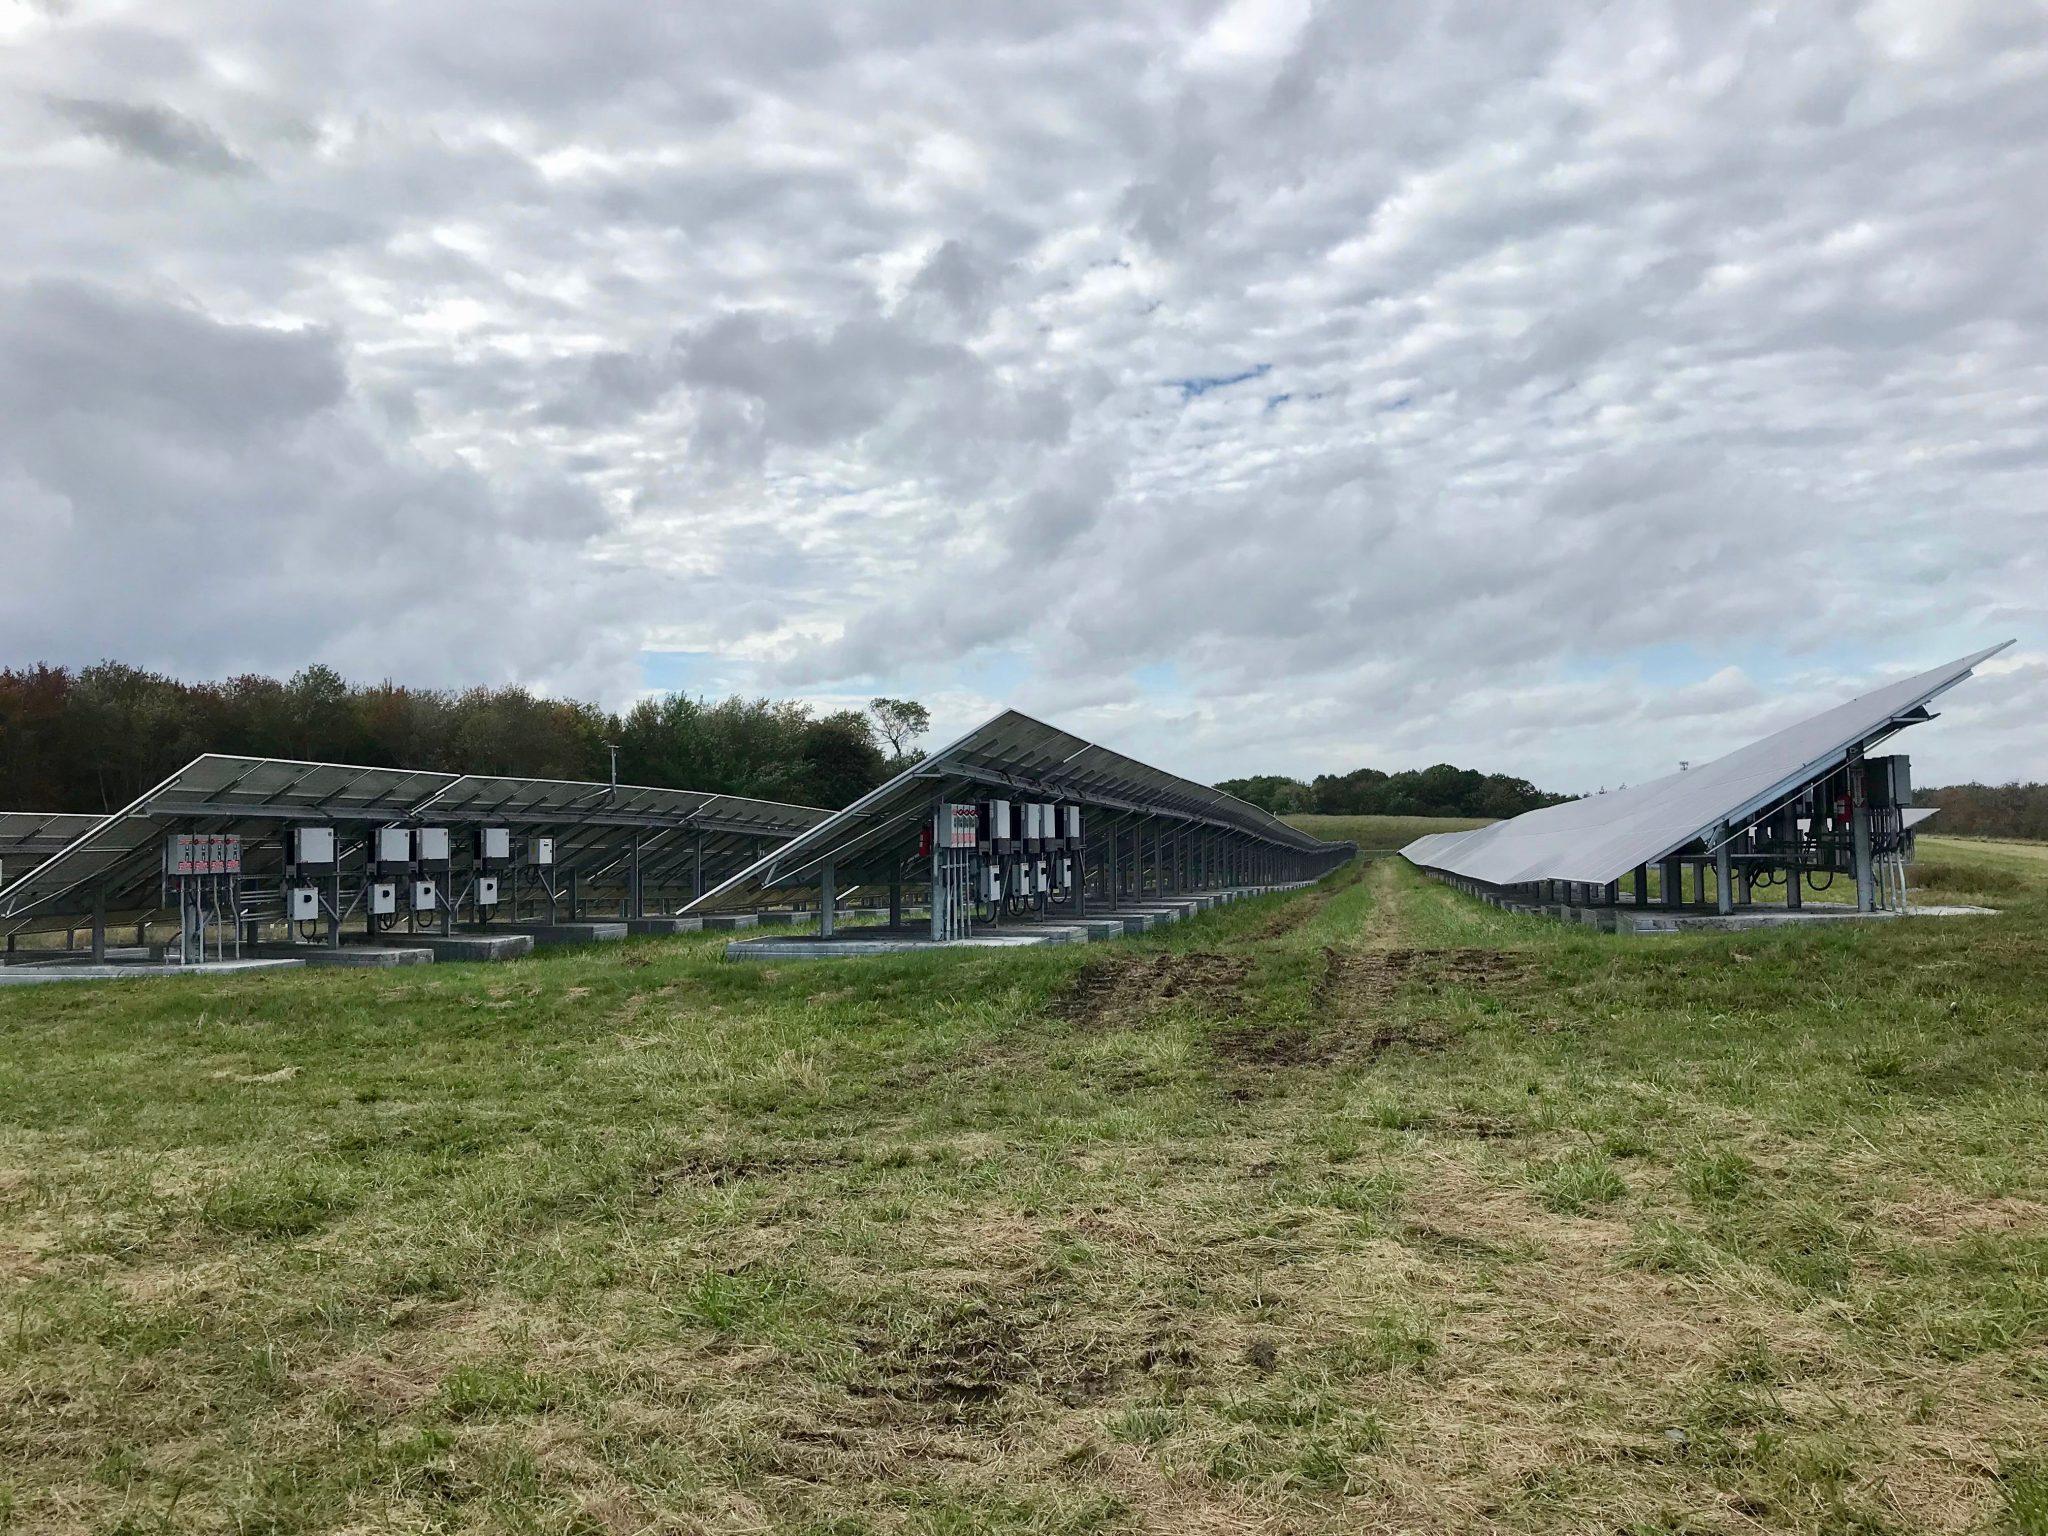 South Portland's solar array